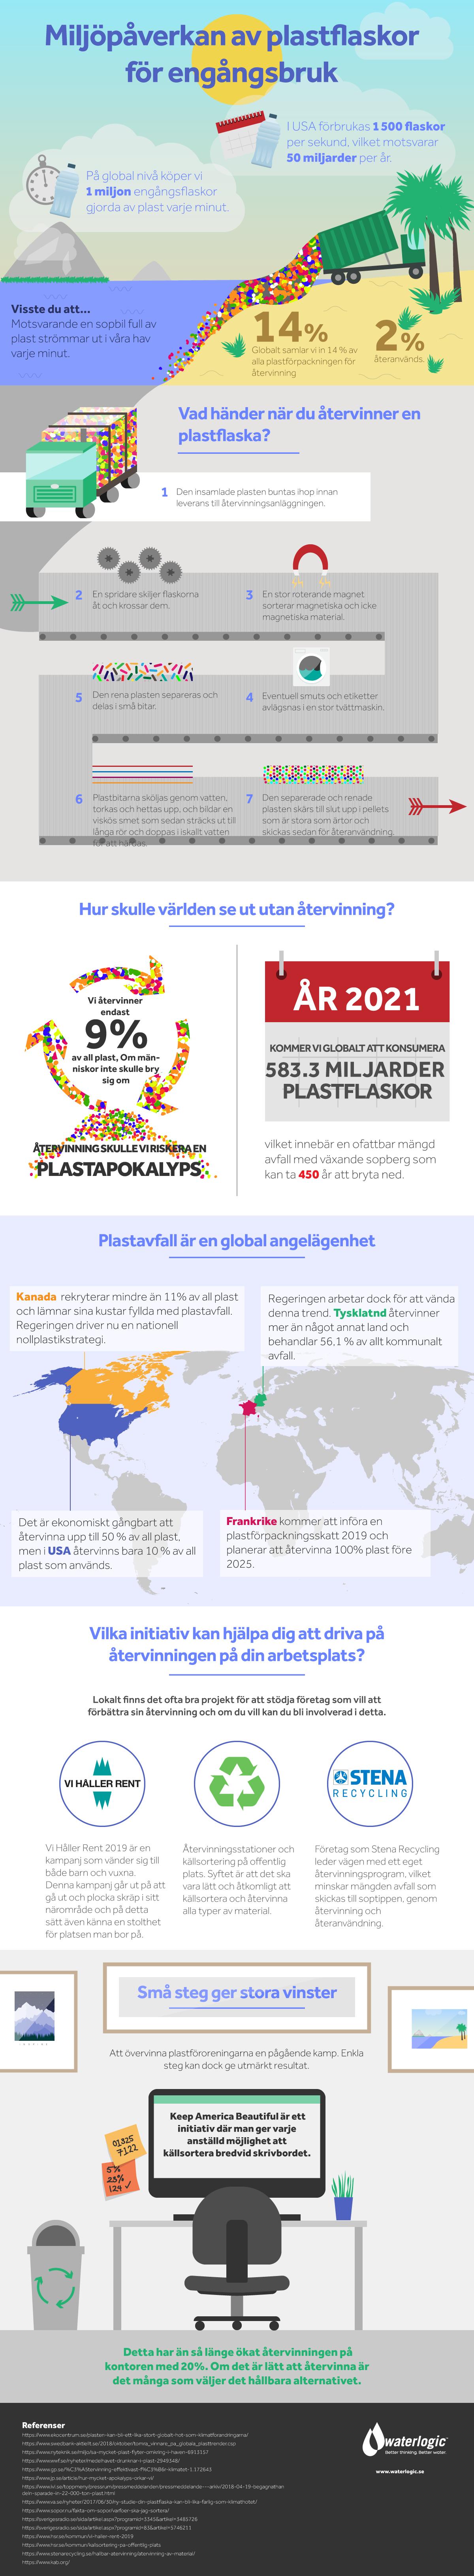 Miljöpåverkan av plastflaskor för engångsbruk